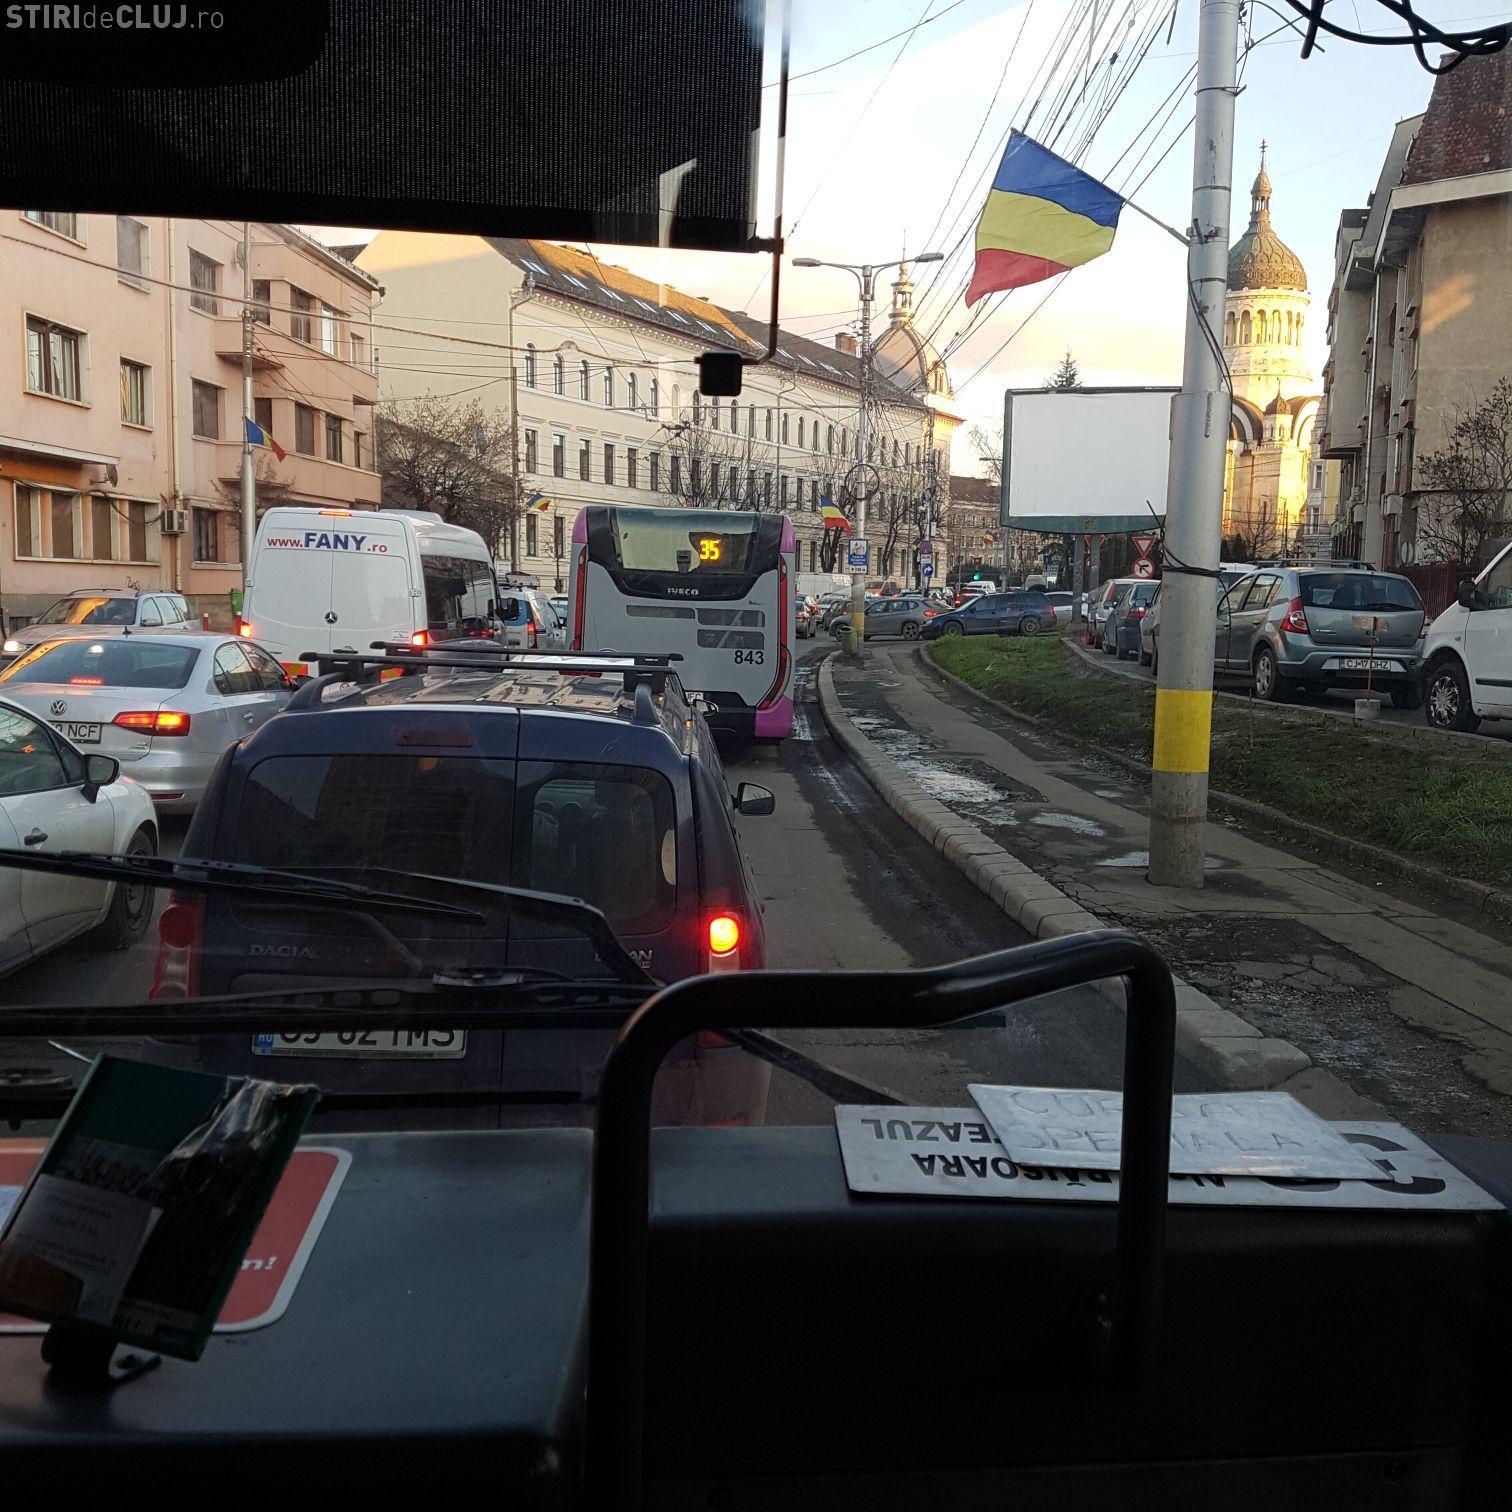 Trafic infernal în centrul Clujului: Am făcut 20 de minute din Piața Mihai Viteazu până la Teatru FOTO/VIDEO